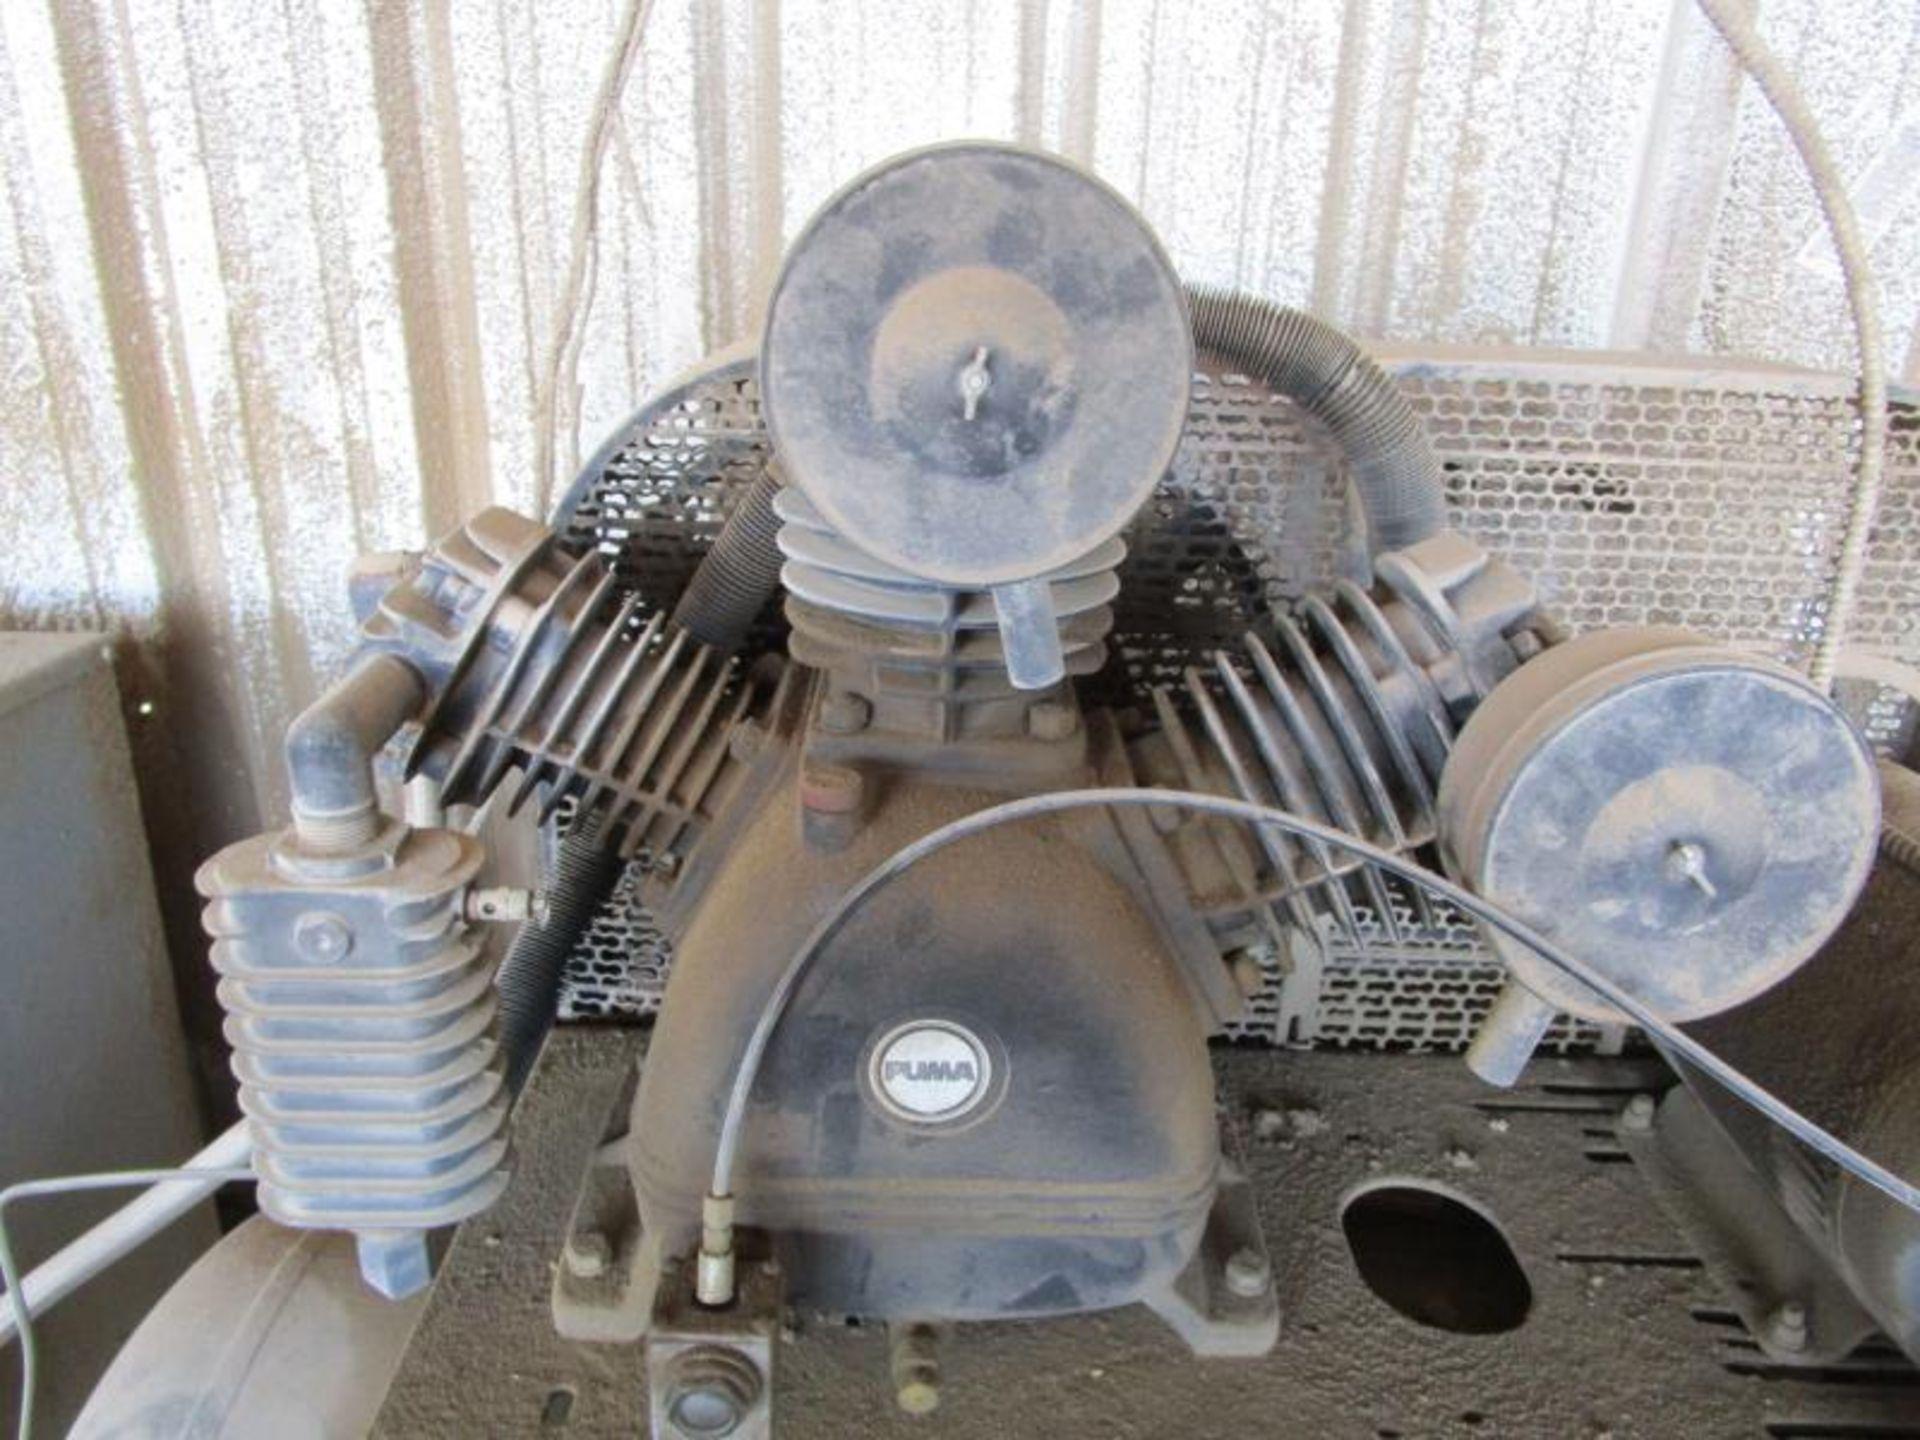 Lot 29 - Air compressor by Puma 2007 m: TK100120M3